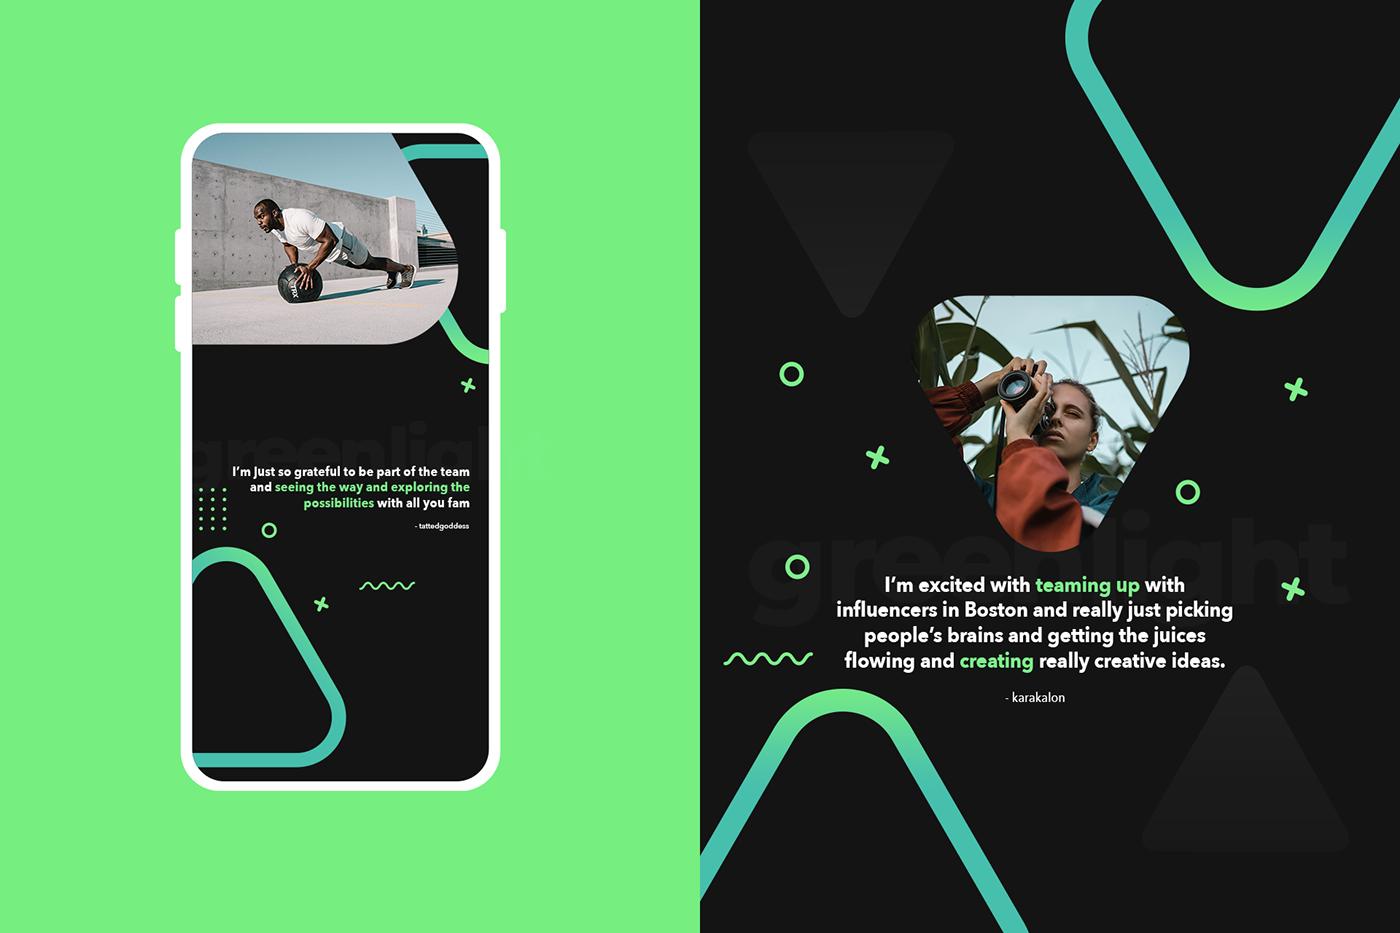 Advertising  community contentcreator greenlight influencers marketing   Socialmedia motion graphics  social media Social Media Design